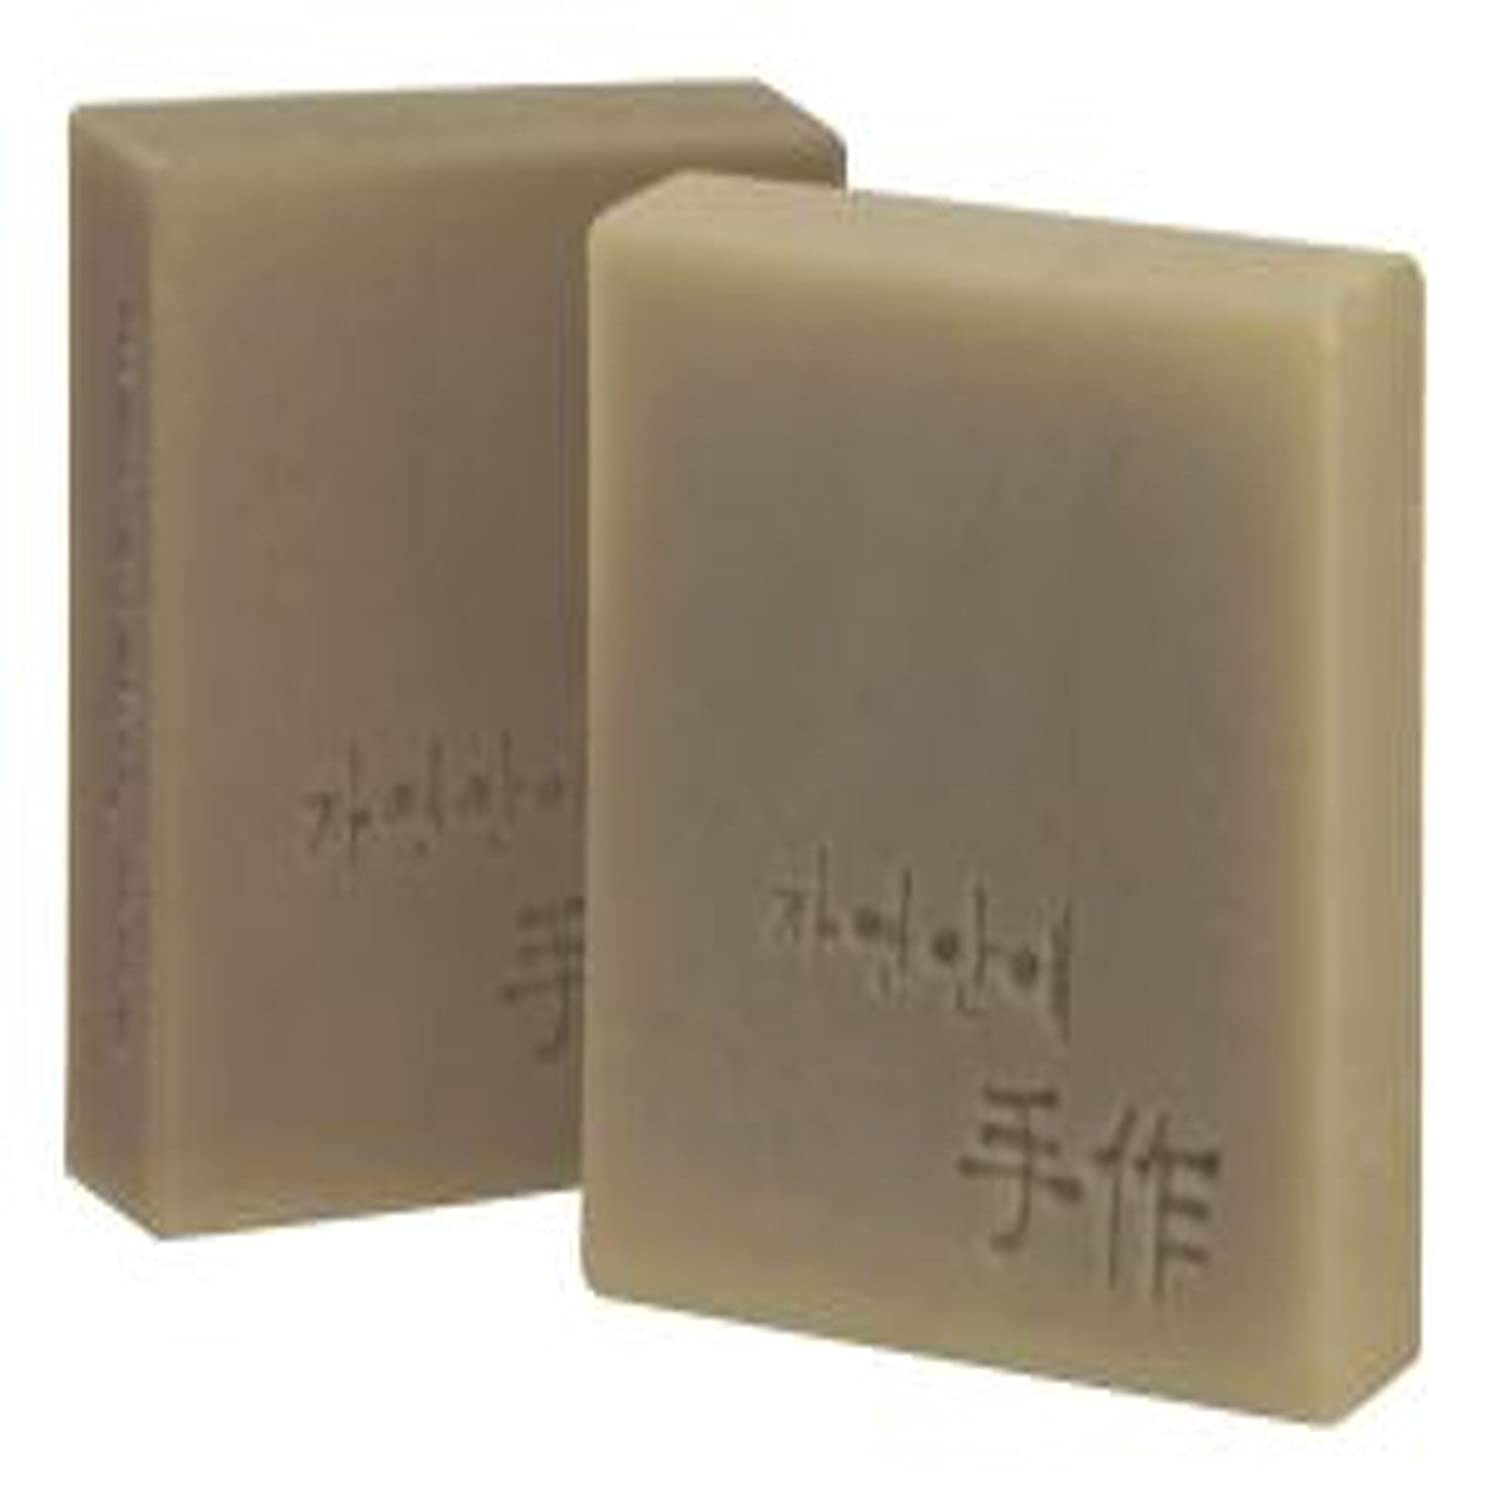 合計優越争いNatural organic 有機天然ソープ 固形 無添加 洗顔 (にんじん) [並行輸入品]